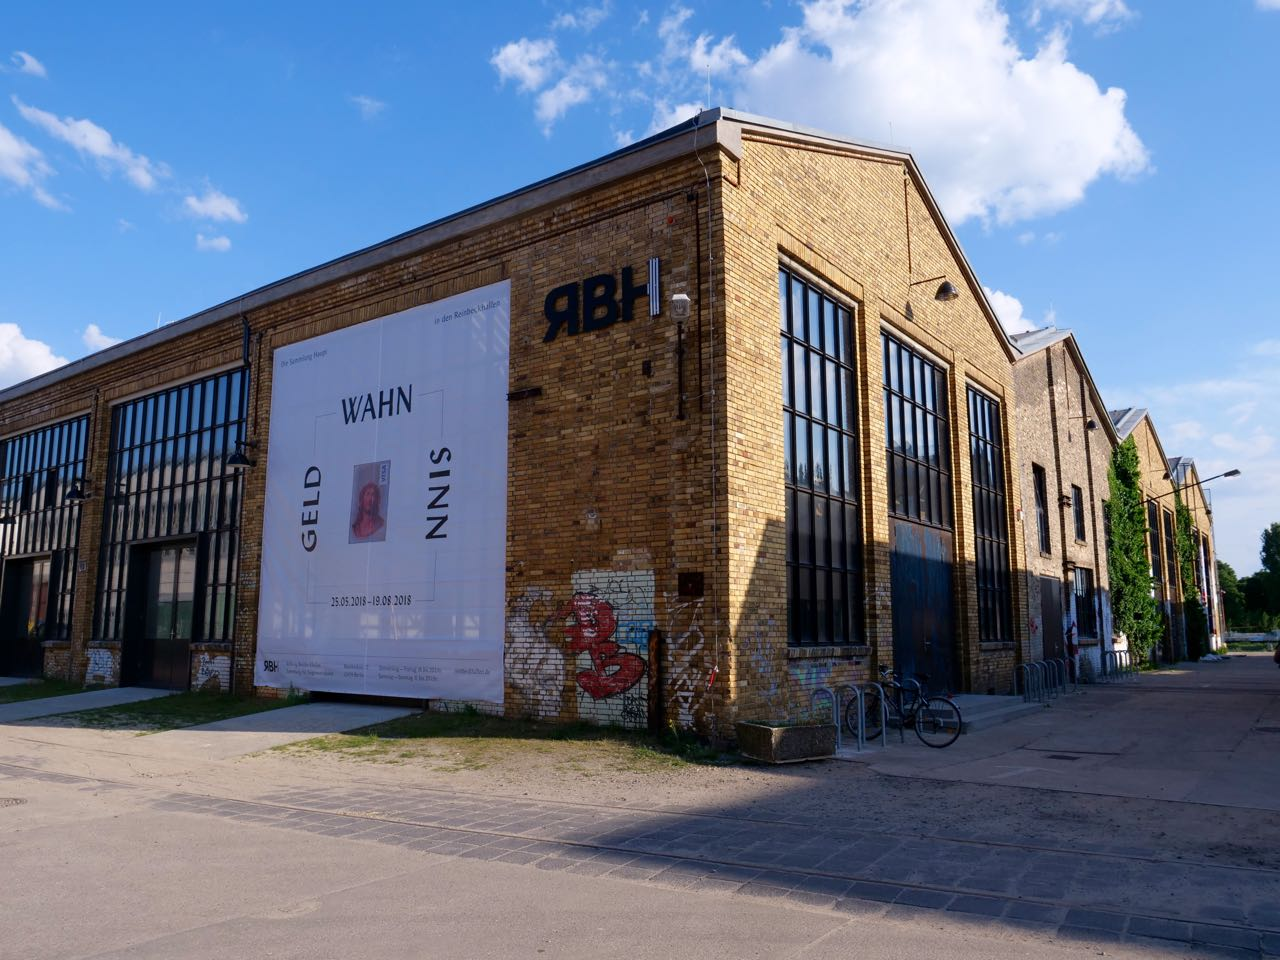 RBH Reinbeckhallen, Reinbeckstr. 17, 12459 Berlin